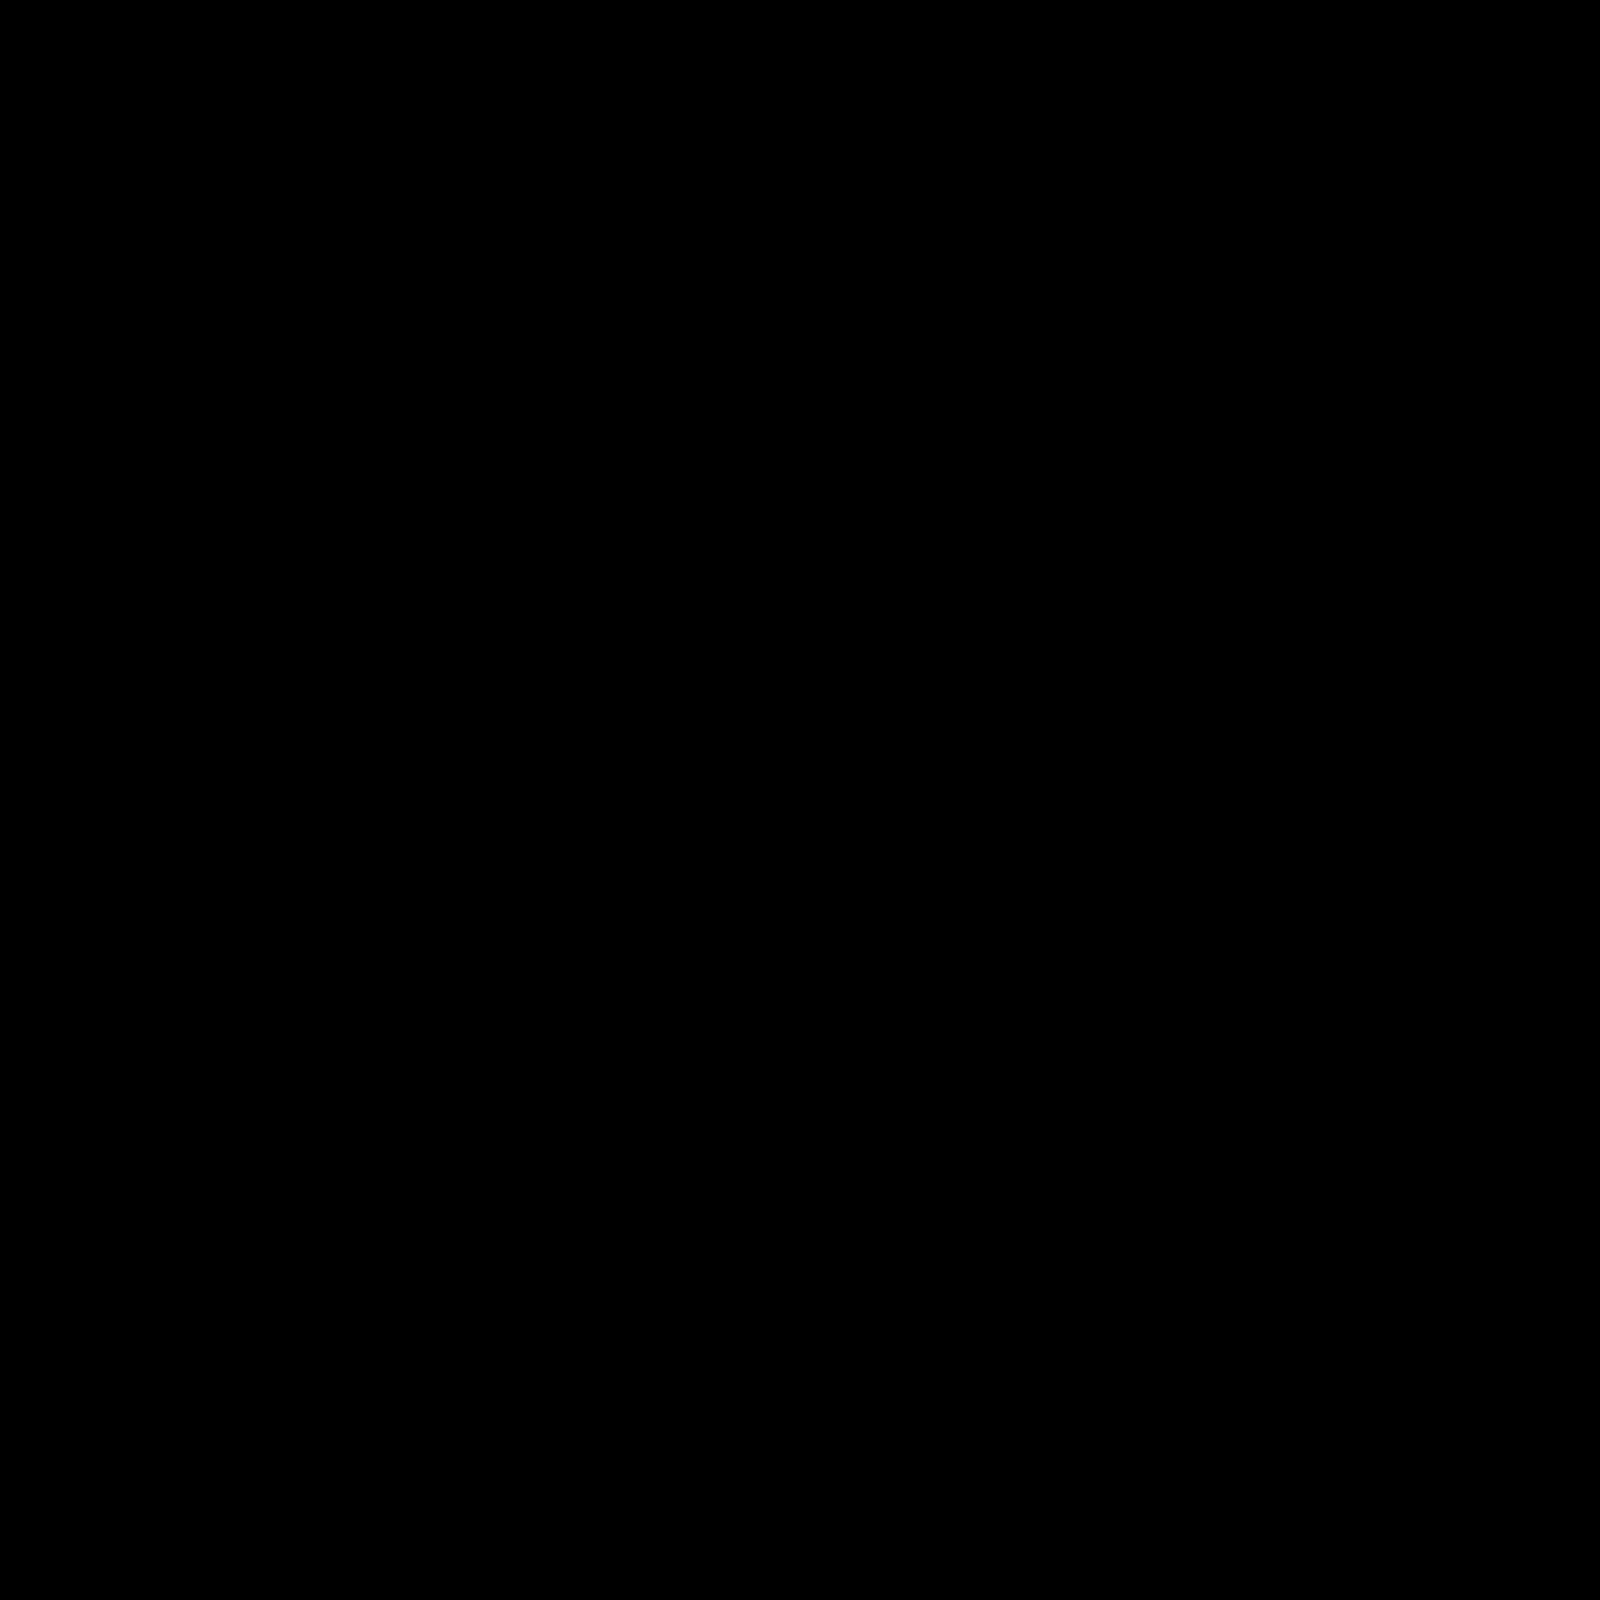 木 icon. A wood icon is shown with a cut piece of wood from a tree. The wood is a cylinder shaped objection, but it is not perfect because it has rough edges including parts where the branch was cut off. The center of the wood also has rings to show how old the tree was.